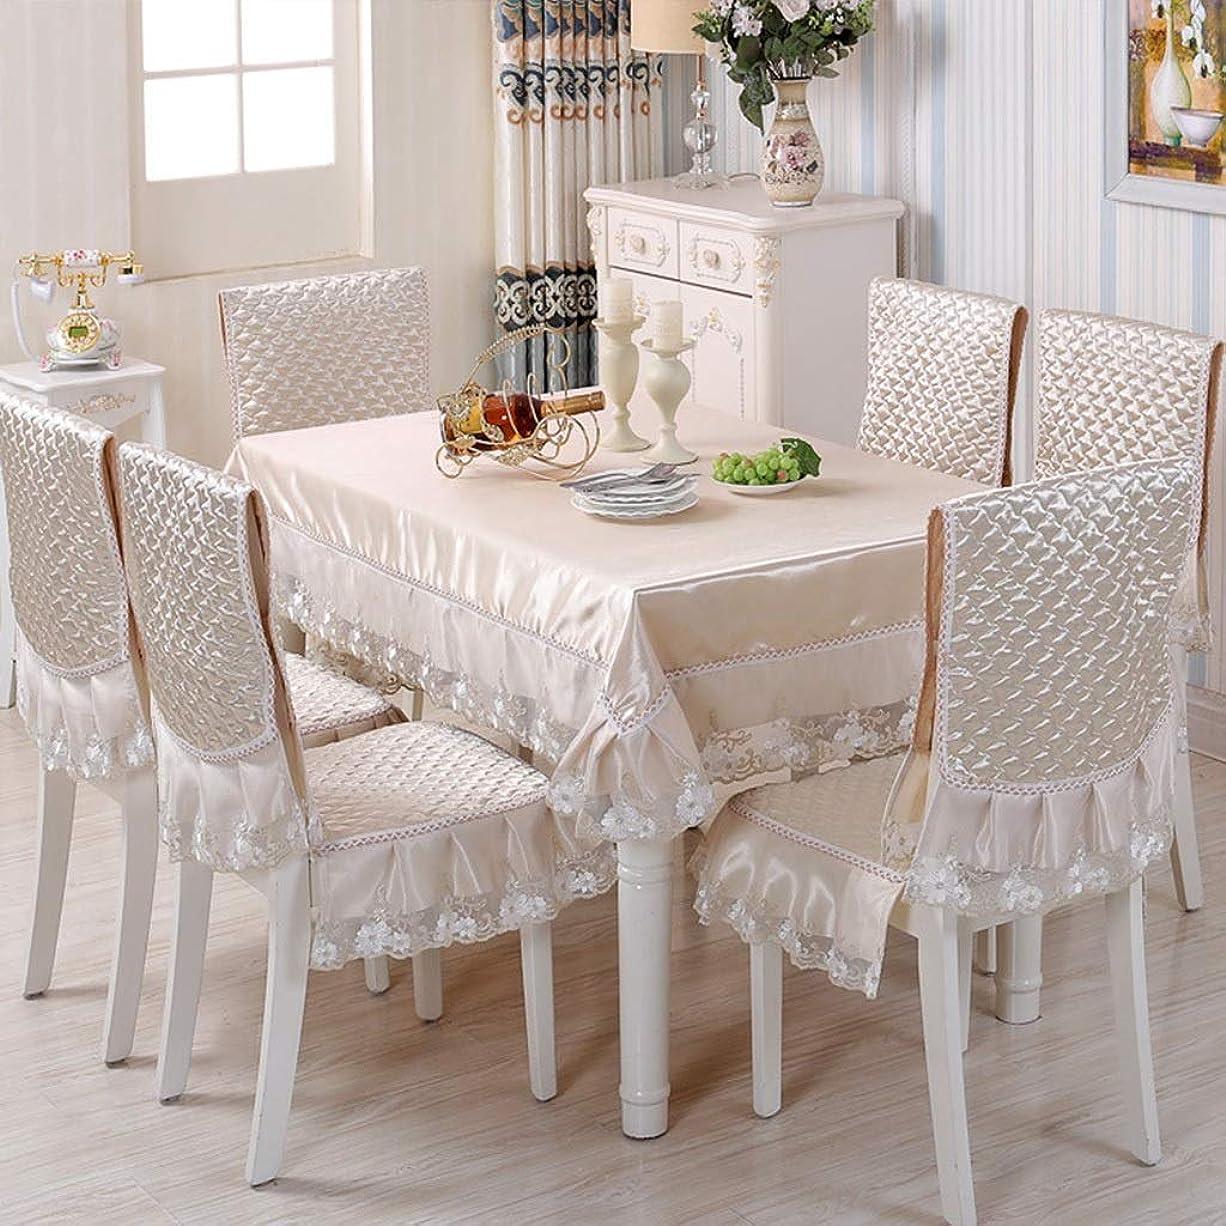 シングルファッション真鍮サテンレストランテーブルクロスユニークな宴会レースサイドテーブルクロス6席カバーテーブルチェアシートクッション長方形コーヒーテーブルテーブルクロスクリーム (サイズ : 130*180cm)